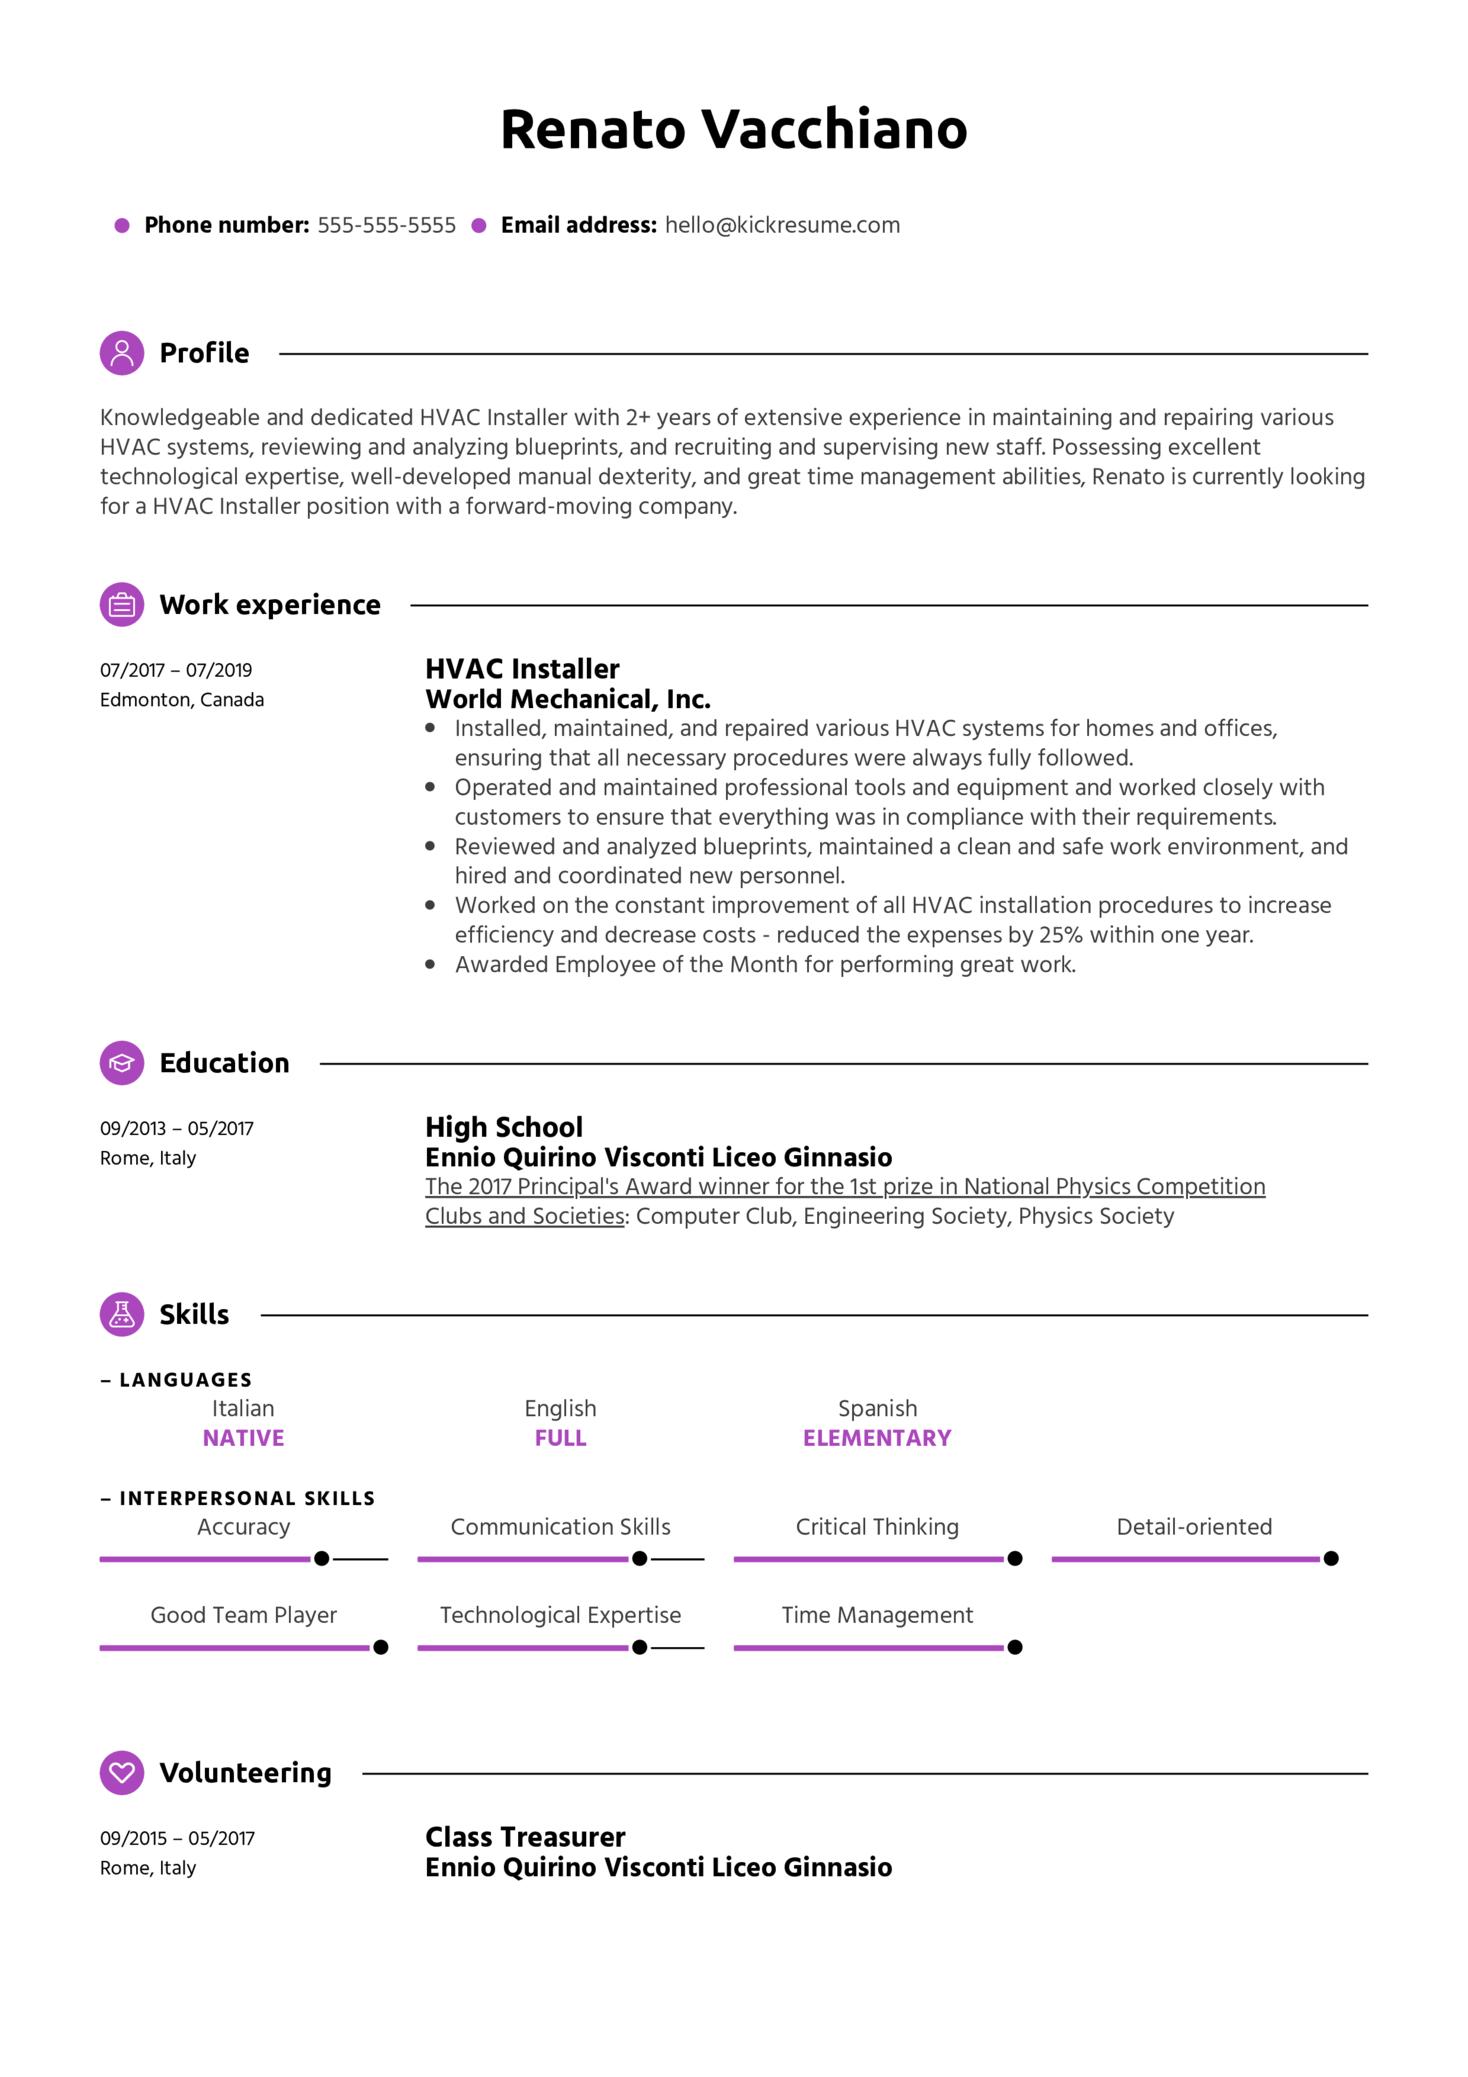 HVAC Installer Resume Example (časť 1)